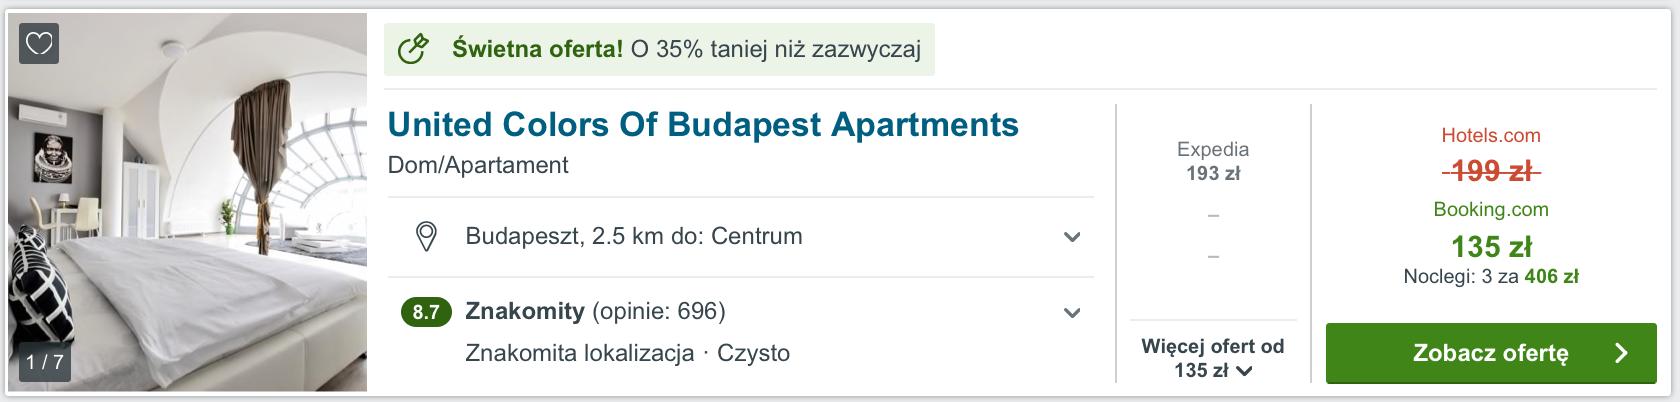 budapeszt hotel